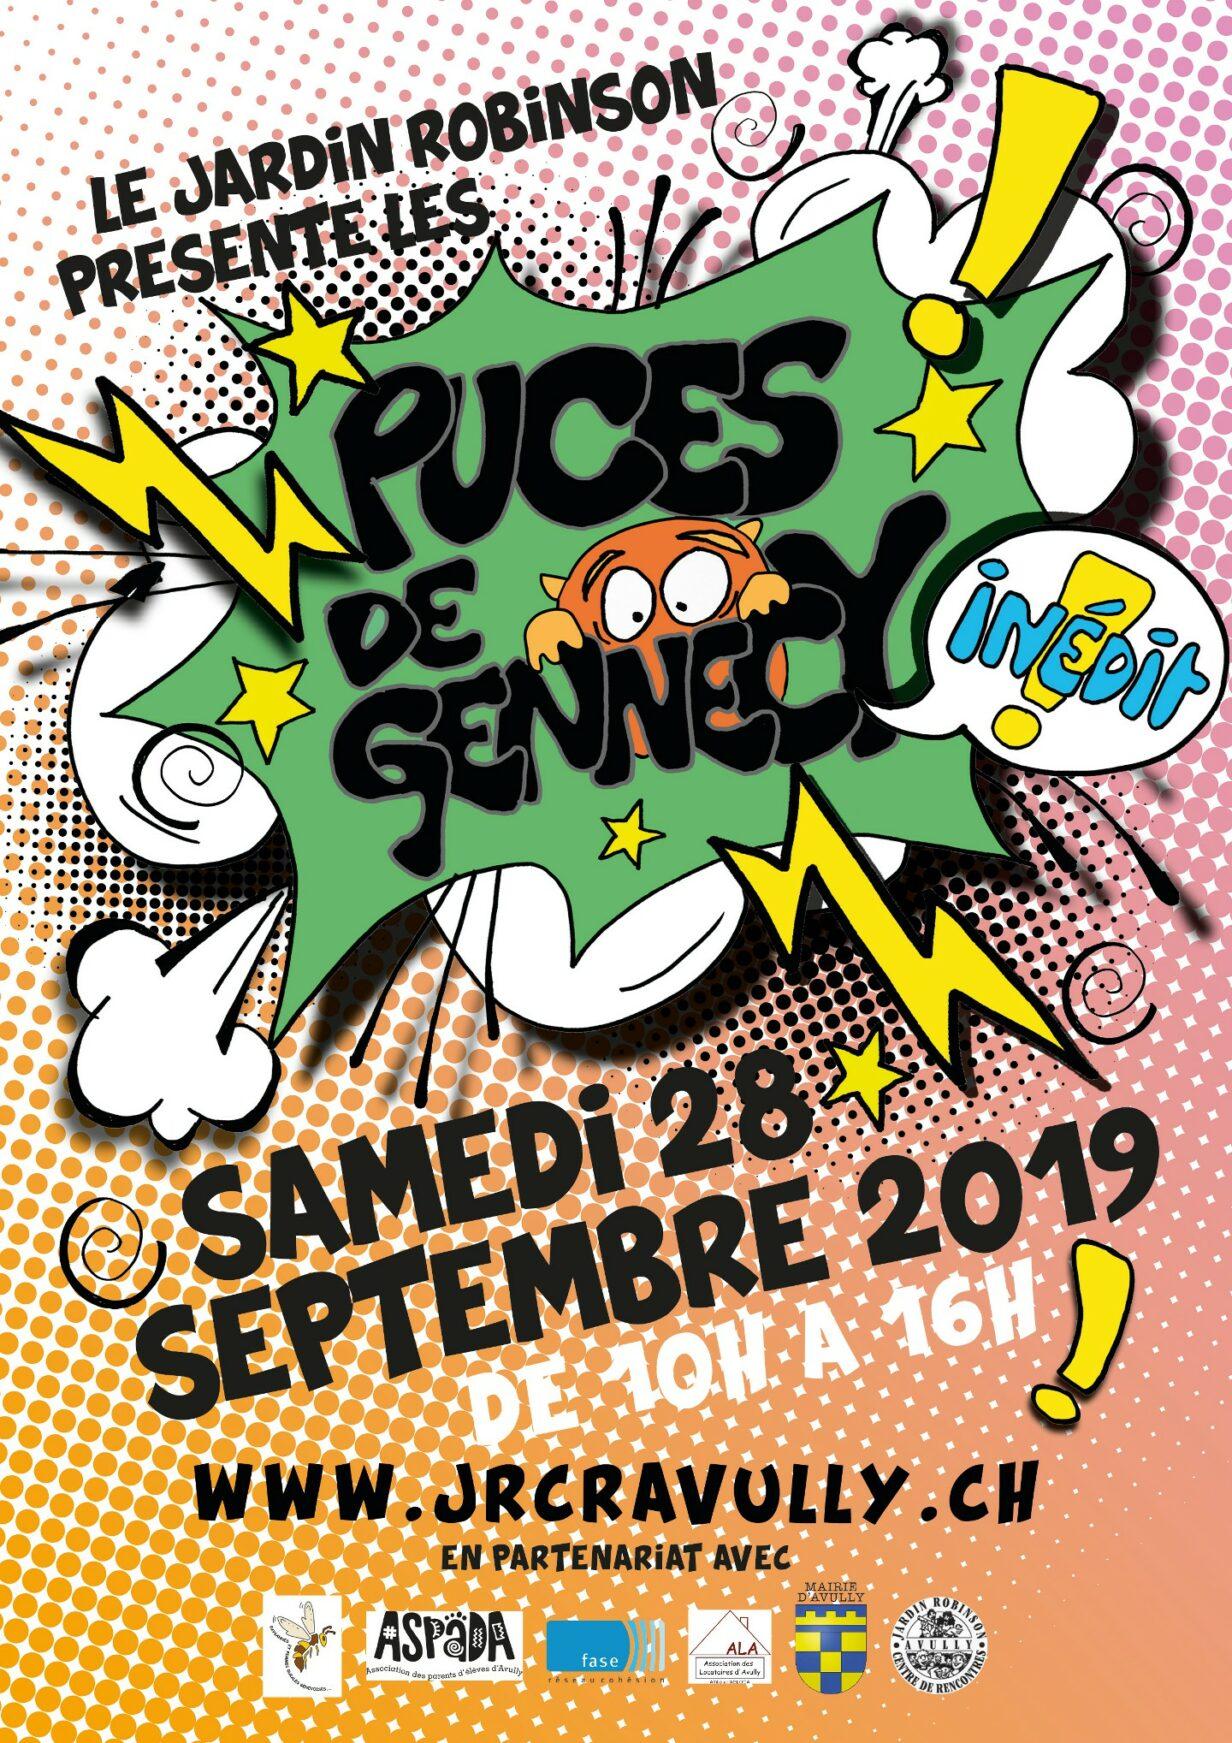 affiches puces de Gennecy samedi 28 septembre 10h-16h